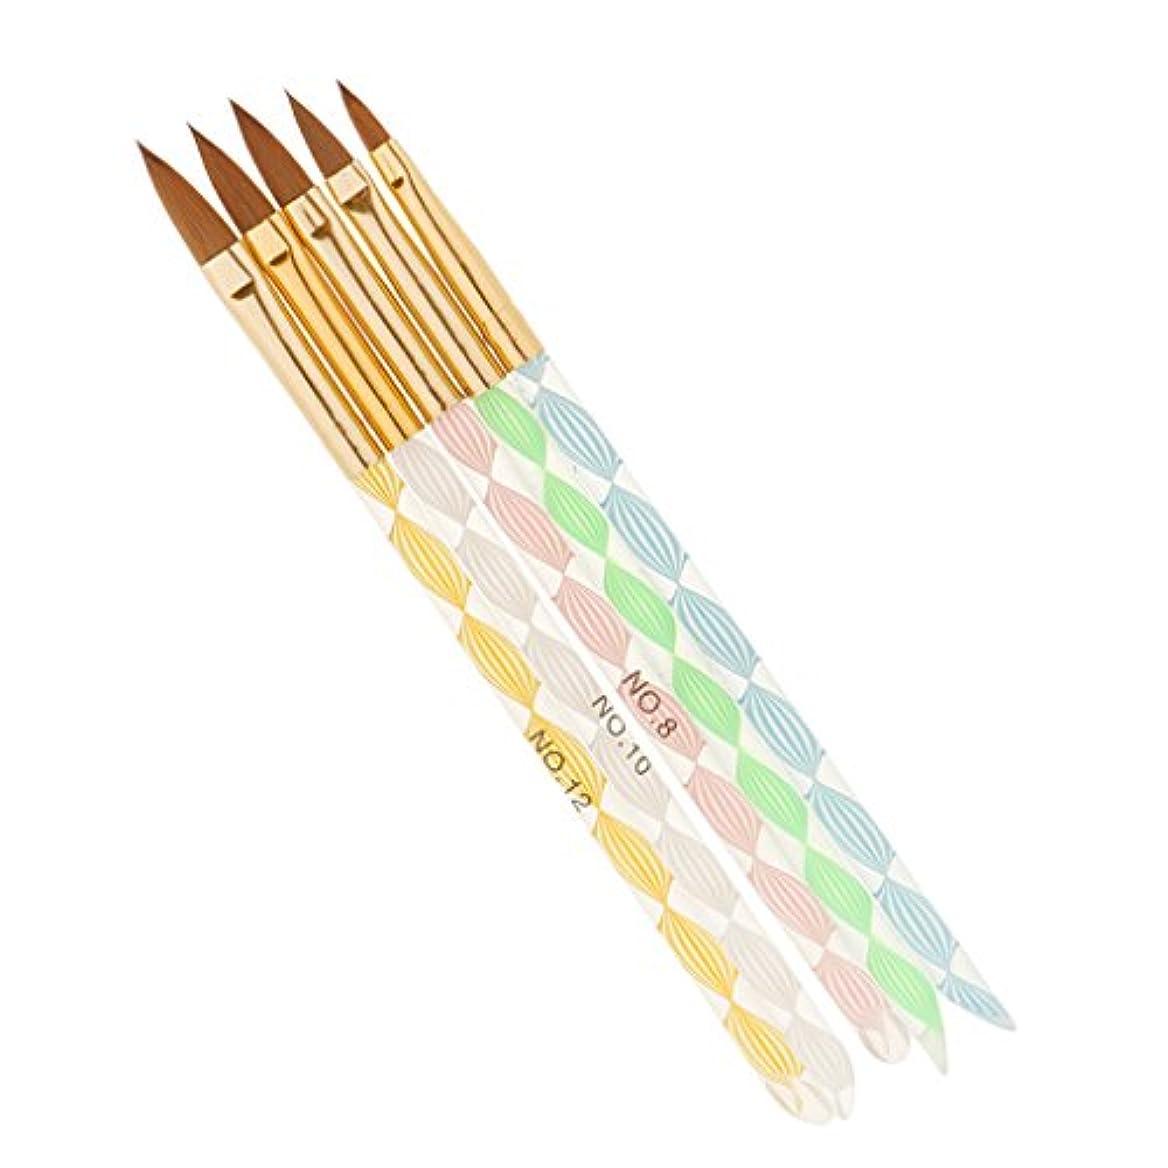 シーン交換でも5本 ネイルアート デザイン ブラシキット マニキュアツール 絵画 描画 磨き ブラシ